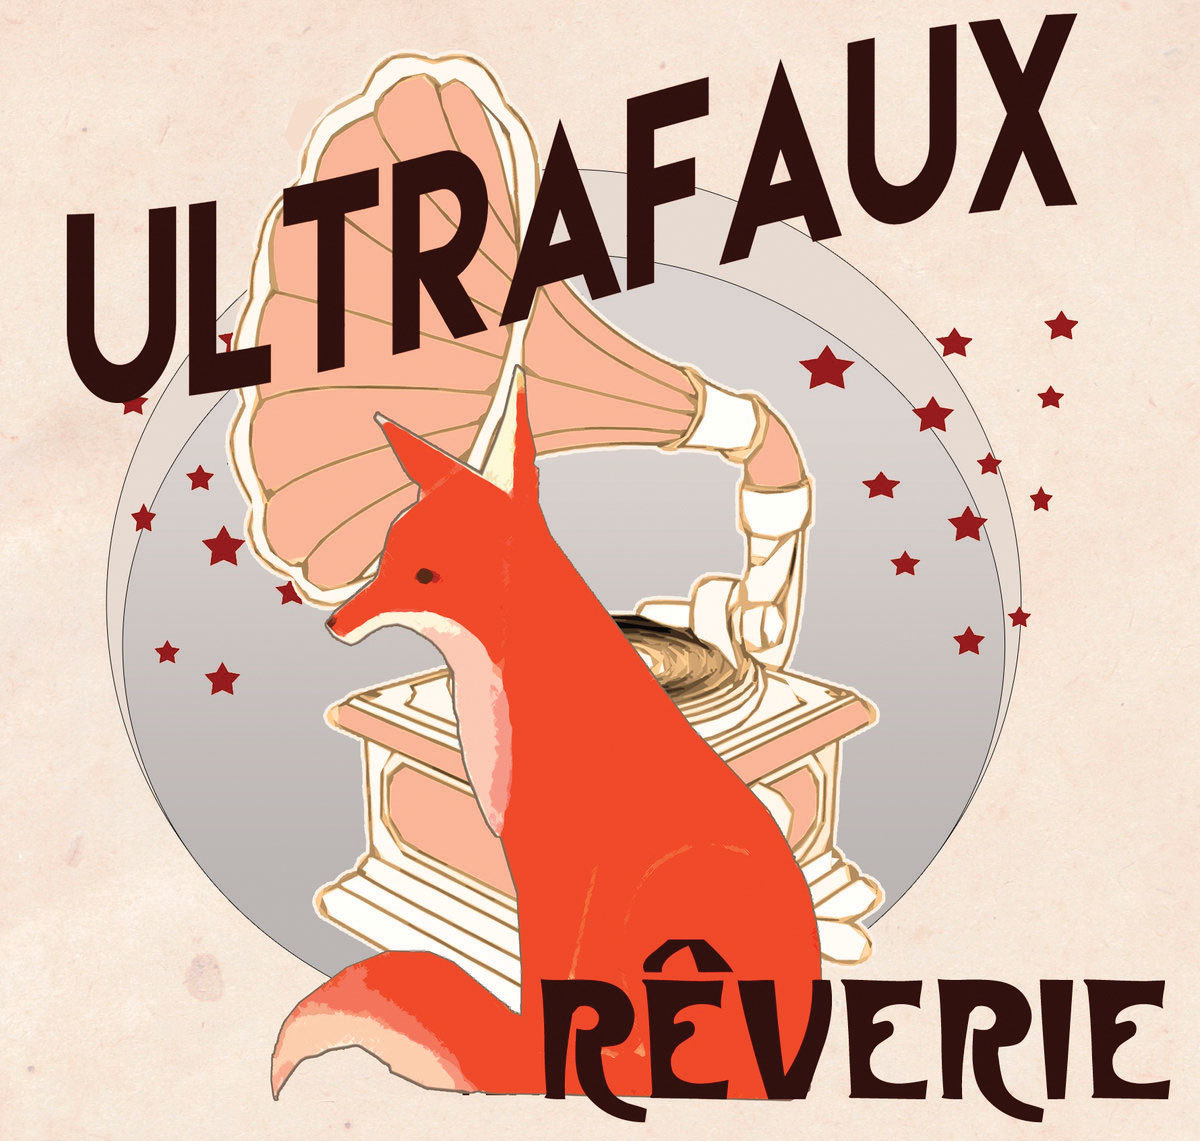 Ultrafaux.jpg#asset:45484